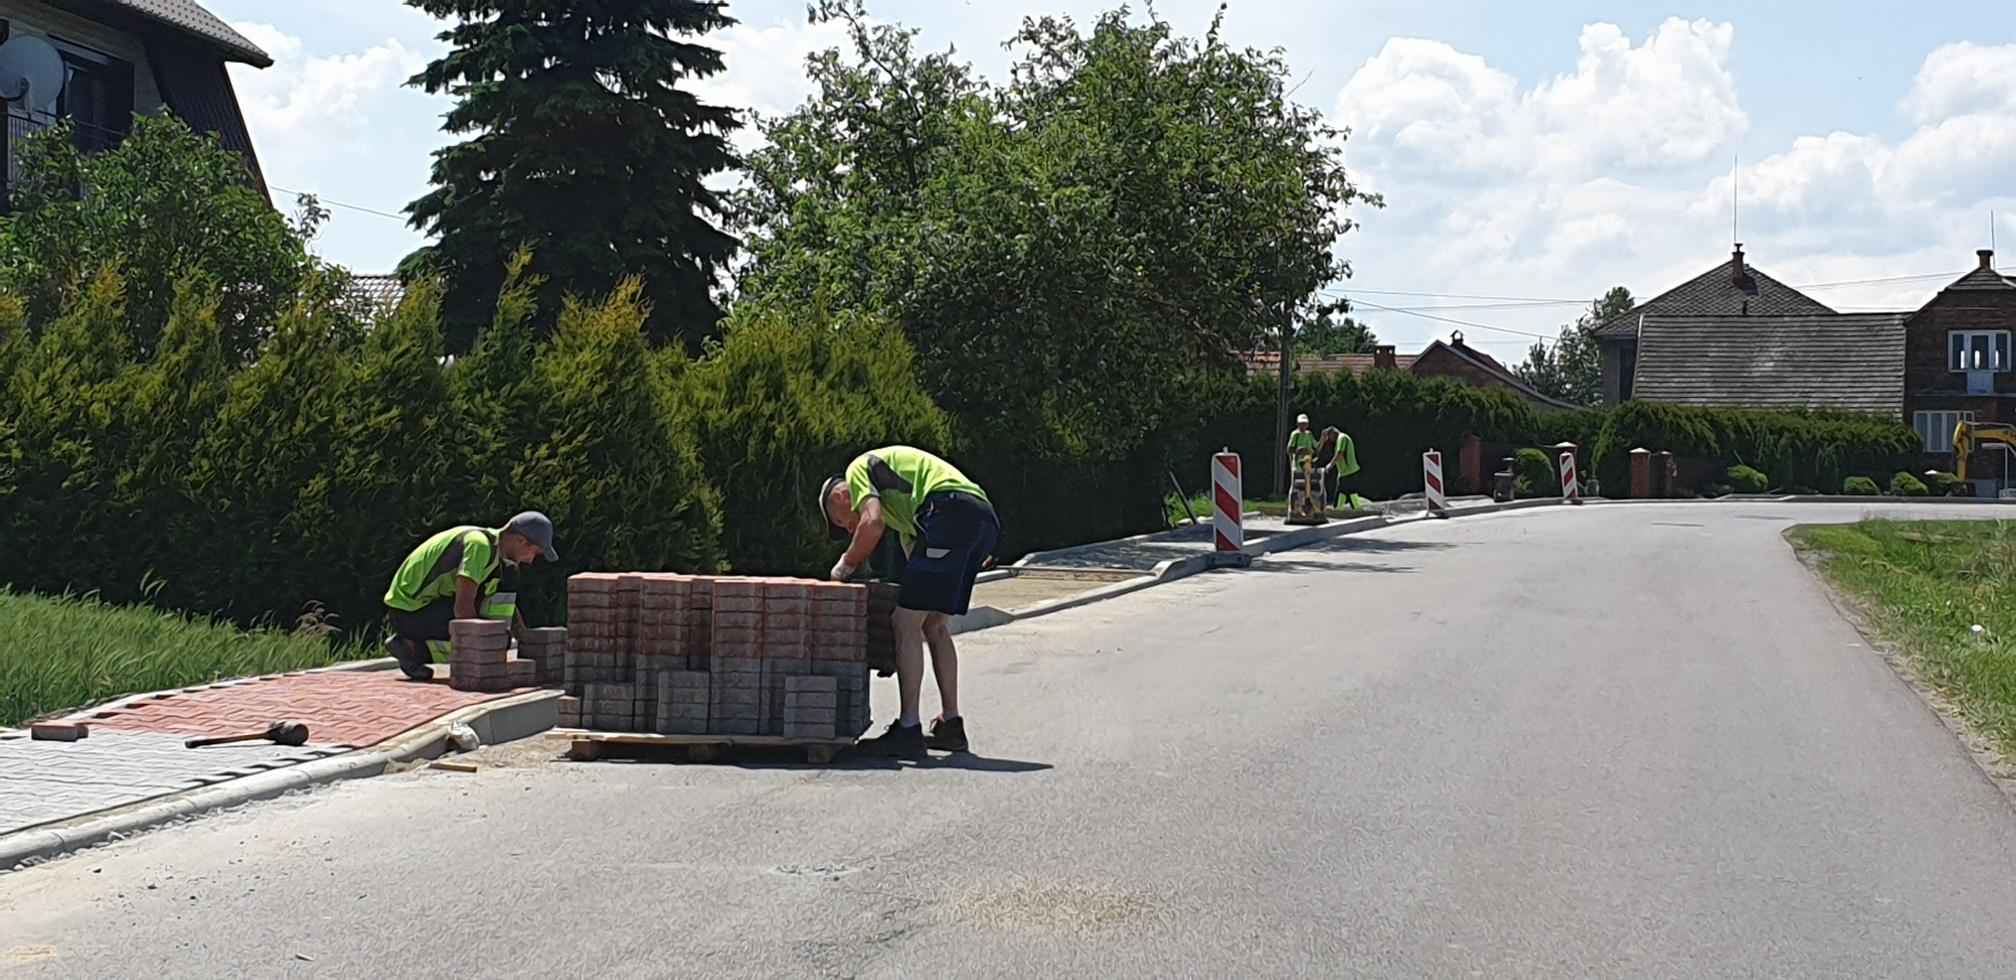 Budują chodnik wzdłuż gminnej drogi. Tam często dochodzi z wypadków [FOTO]